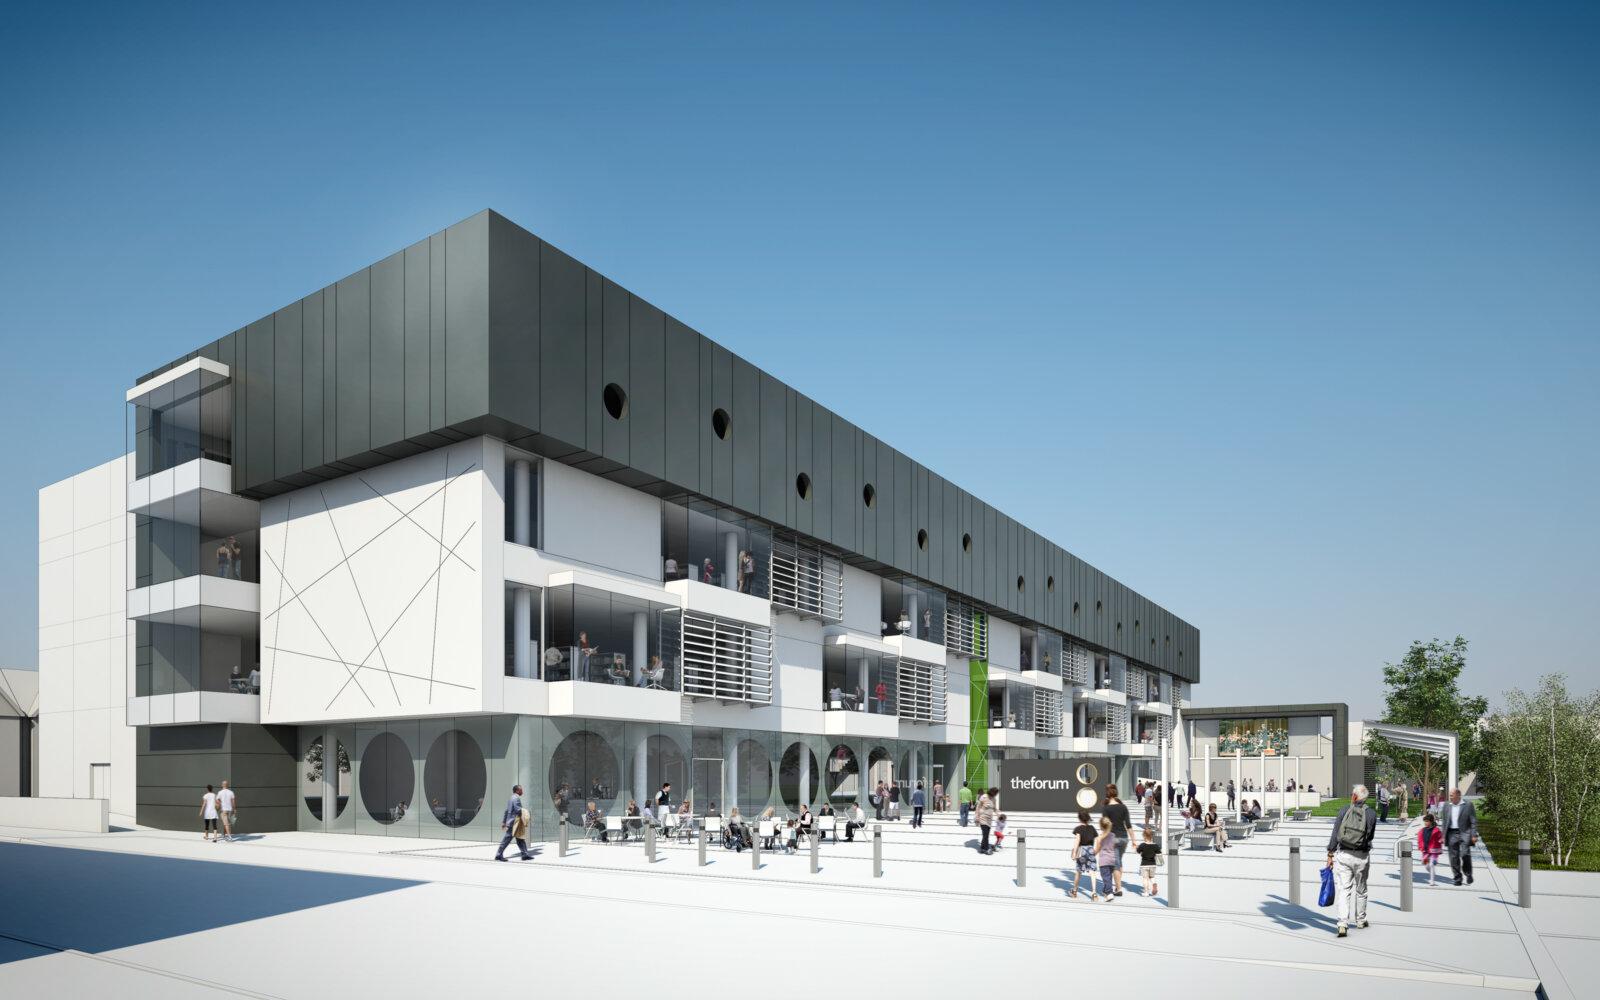 The Forum exterior CGI